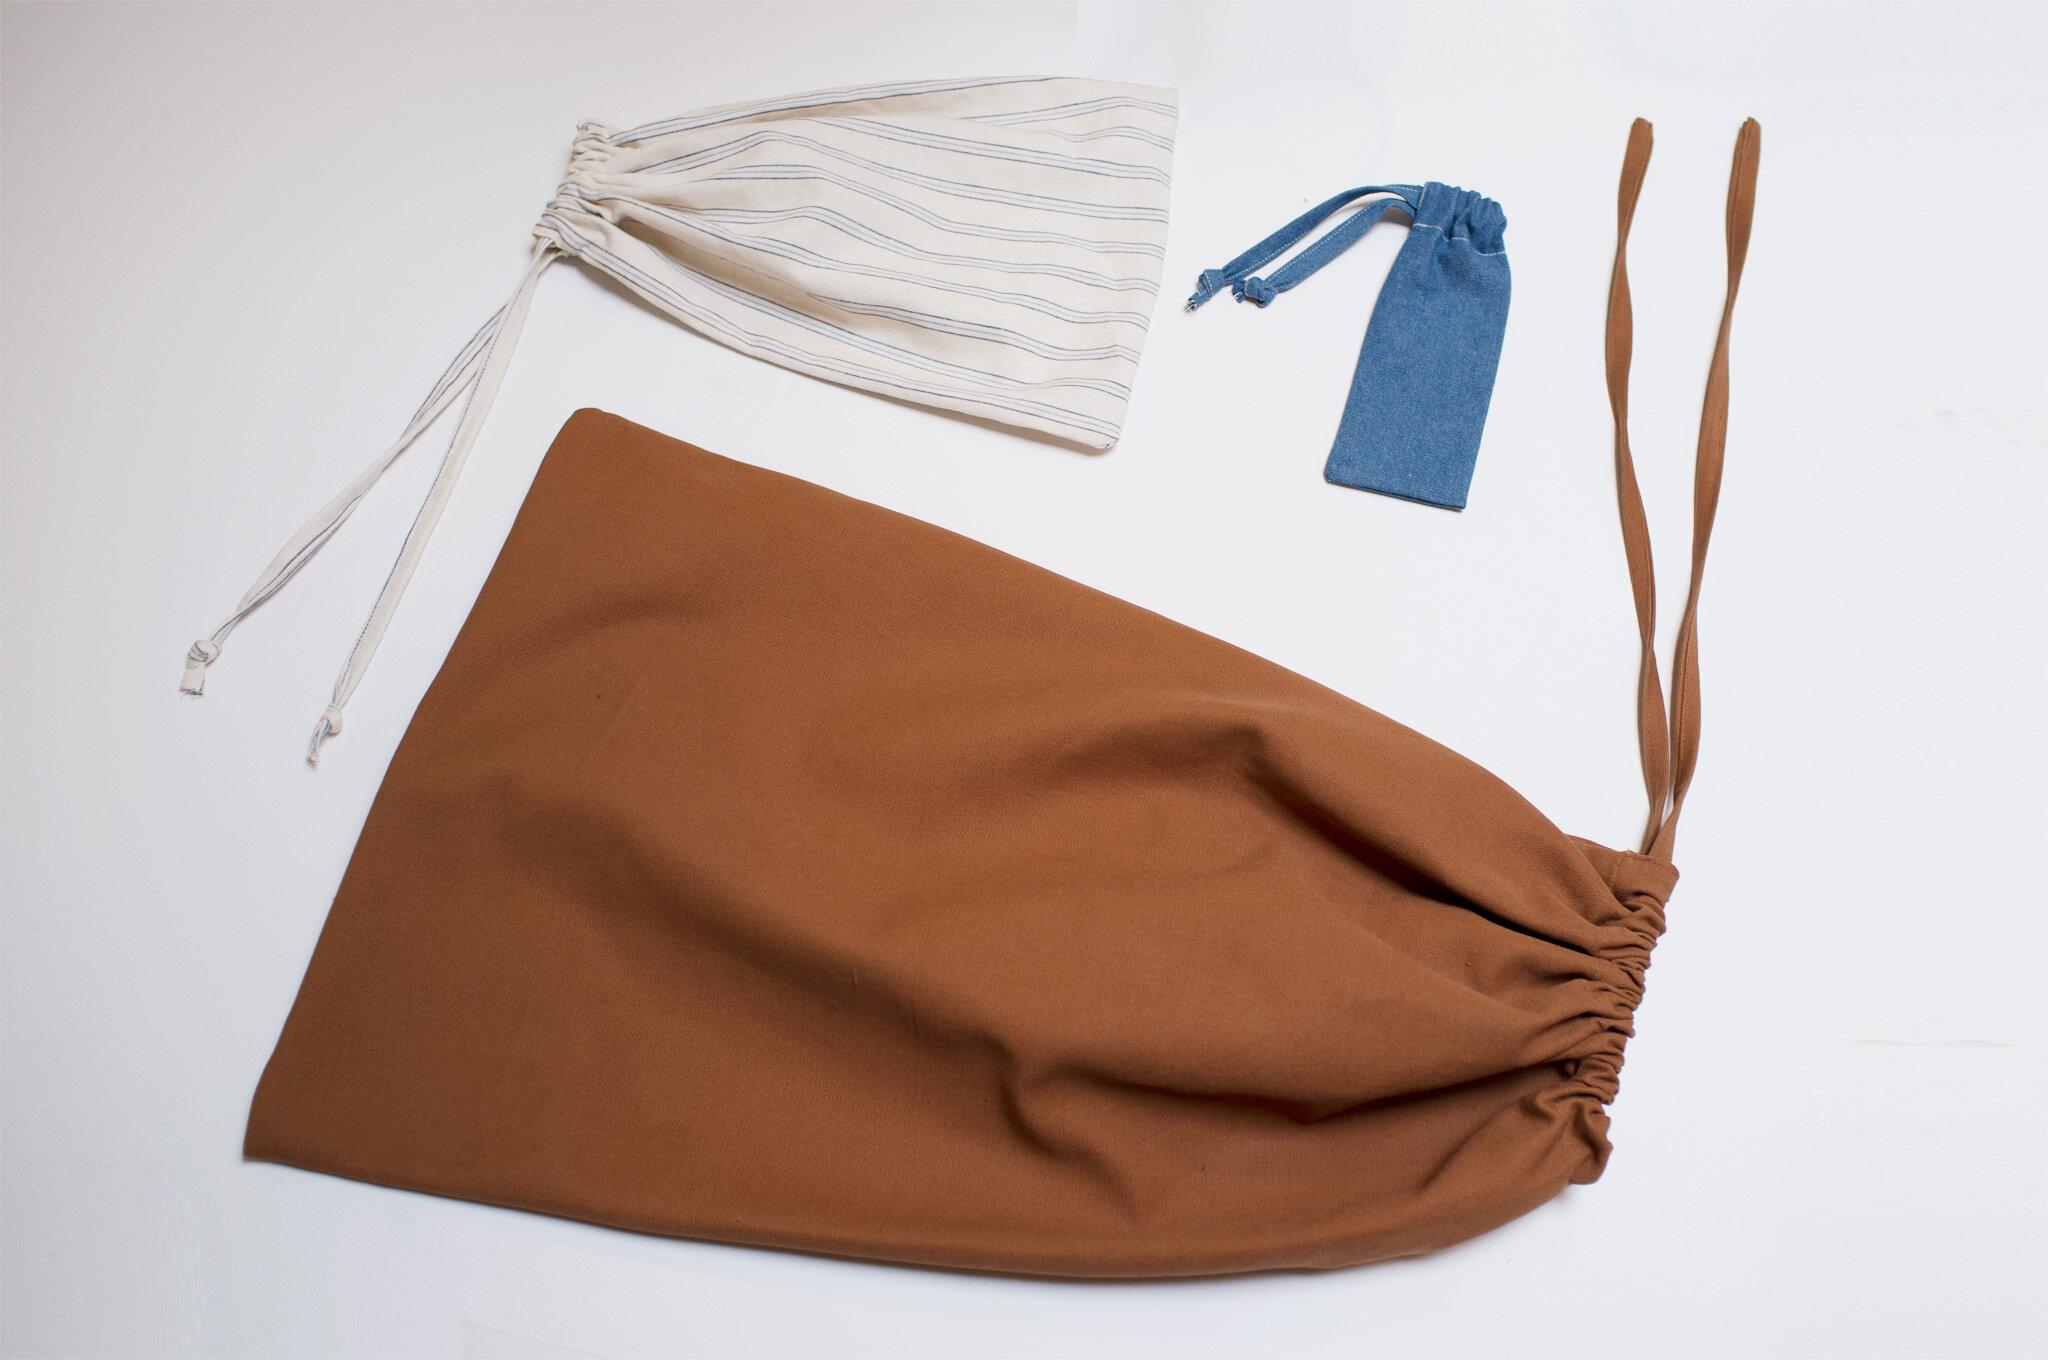 How to Sew the Basic Drawstring Bag - beginner level